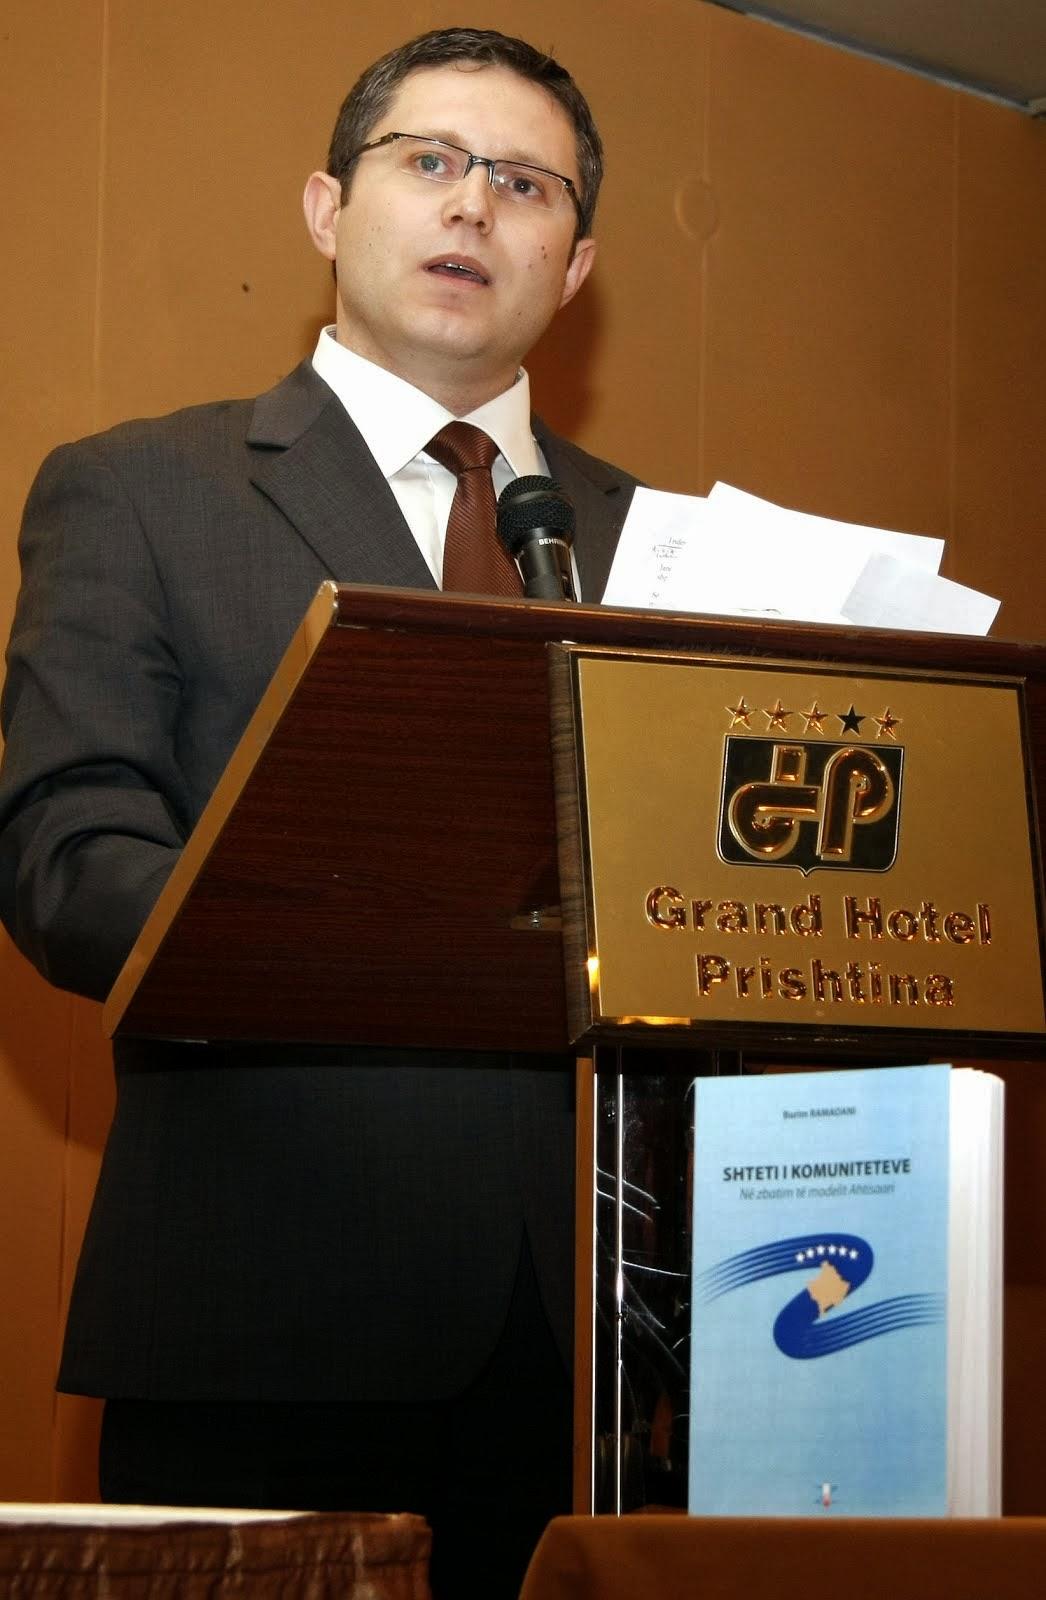 Promovimi - shkurt 2009